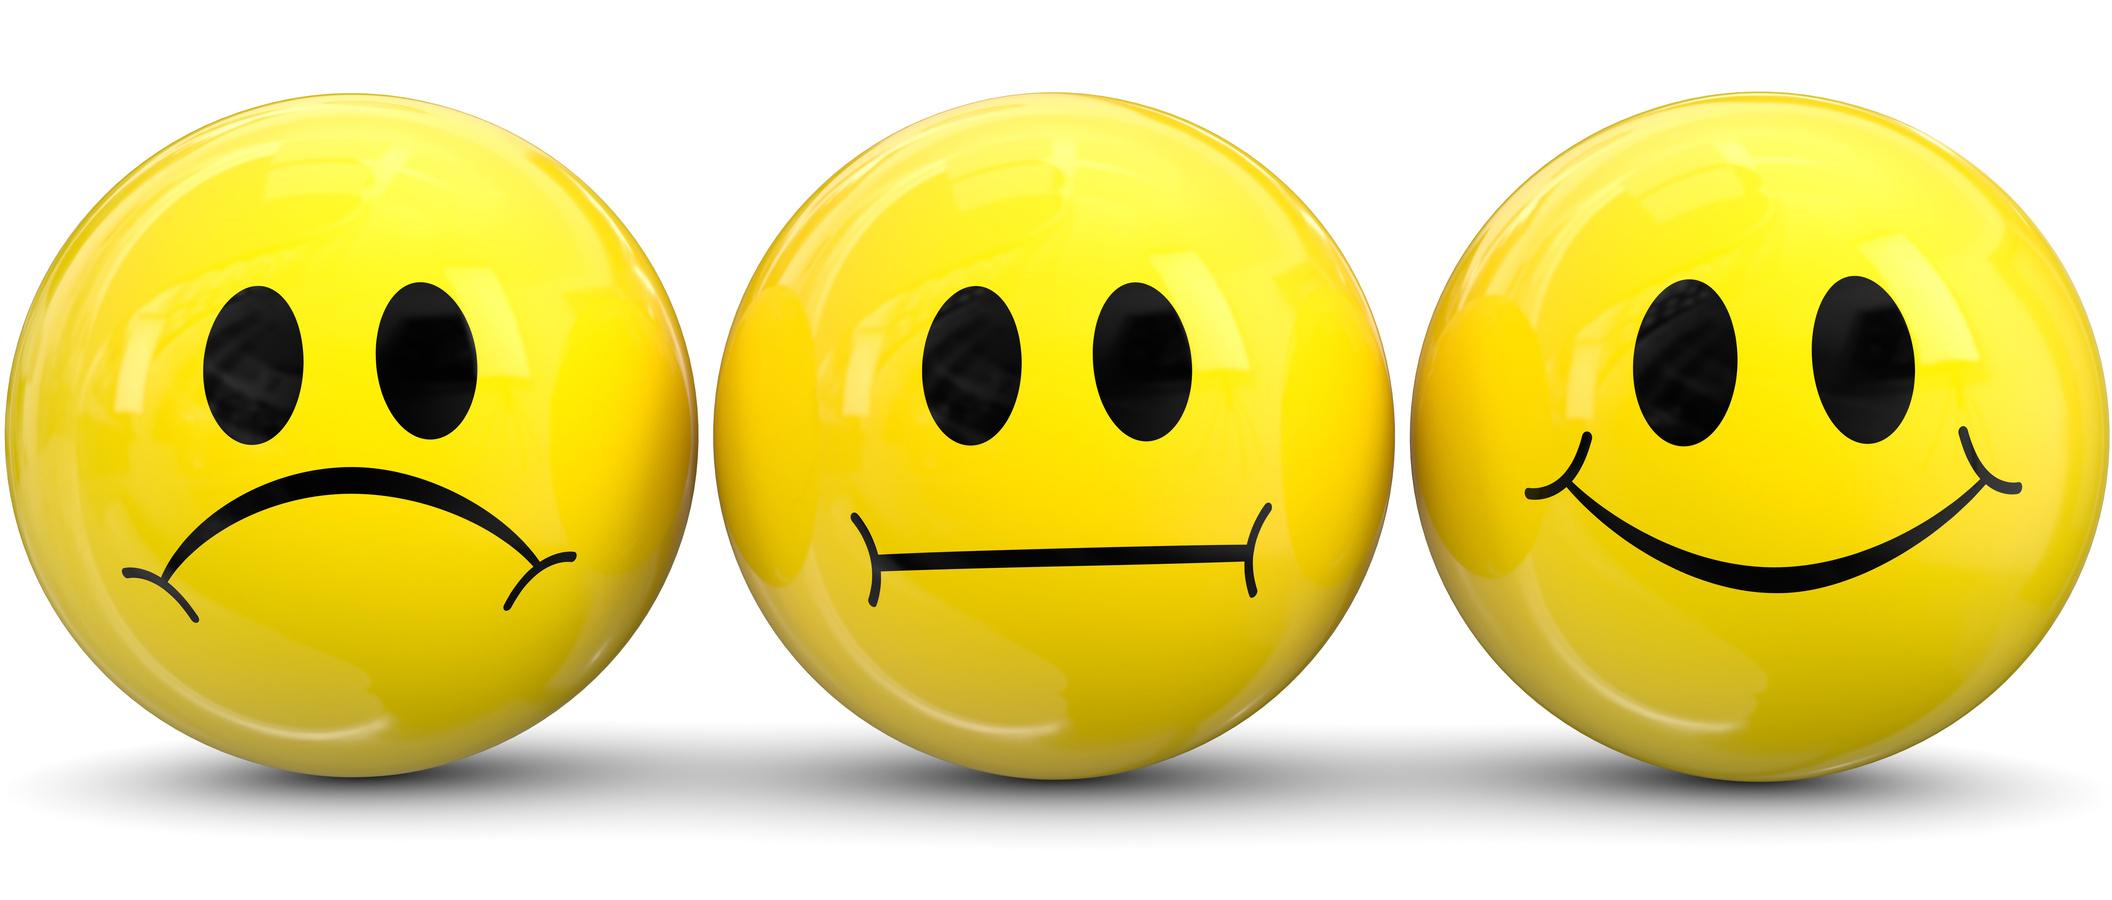 Мая коллегам, картинка смайлики настроения на прозрачном фоне